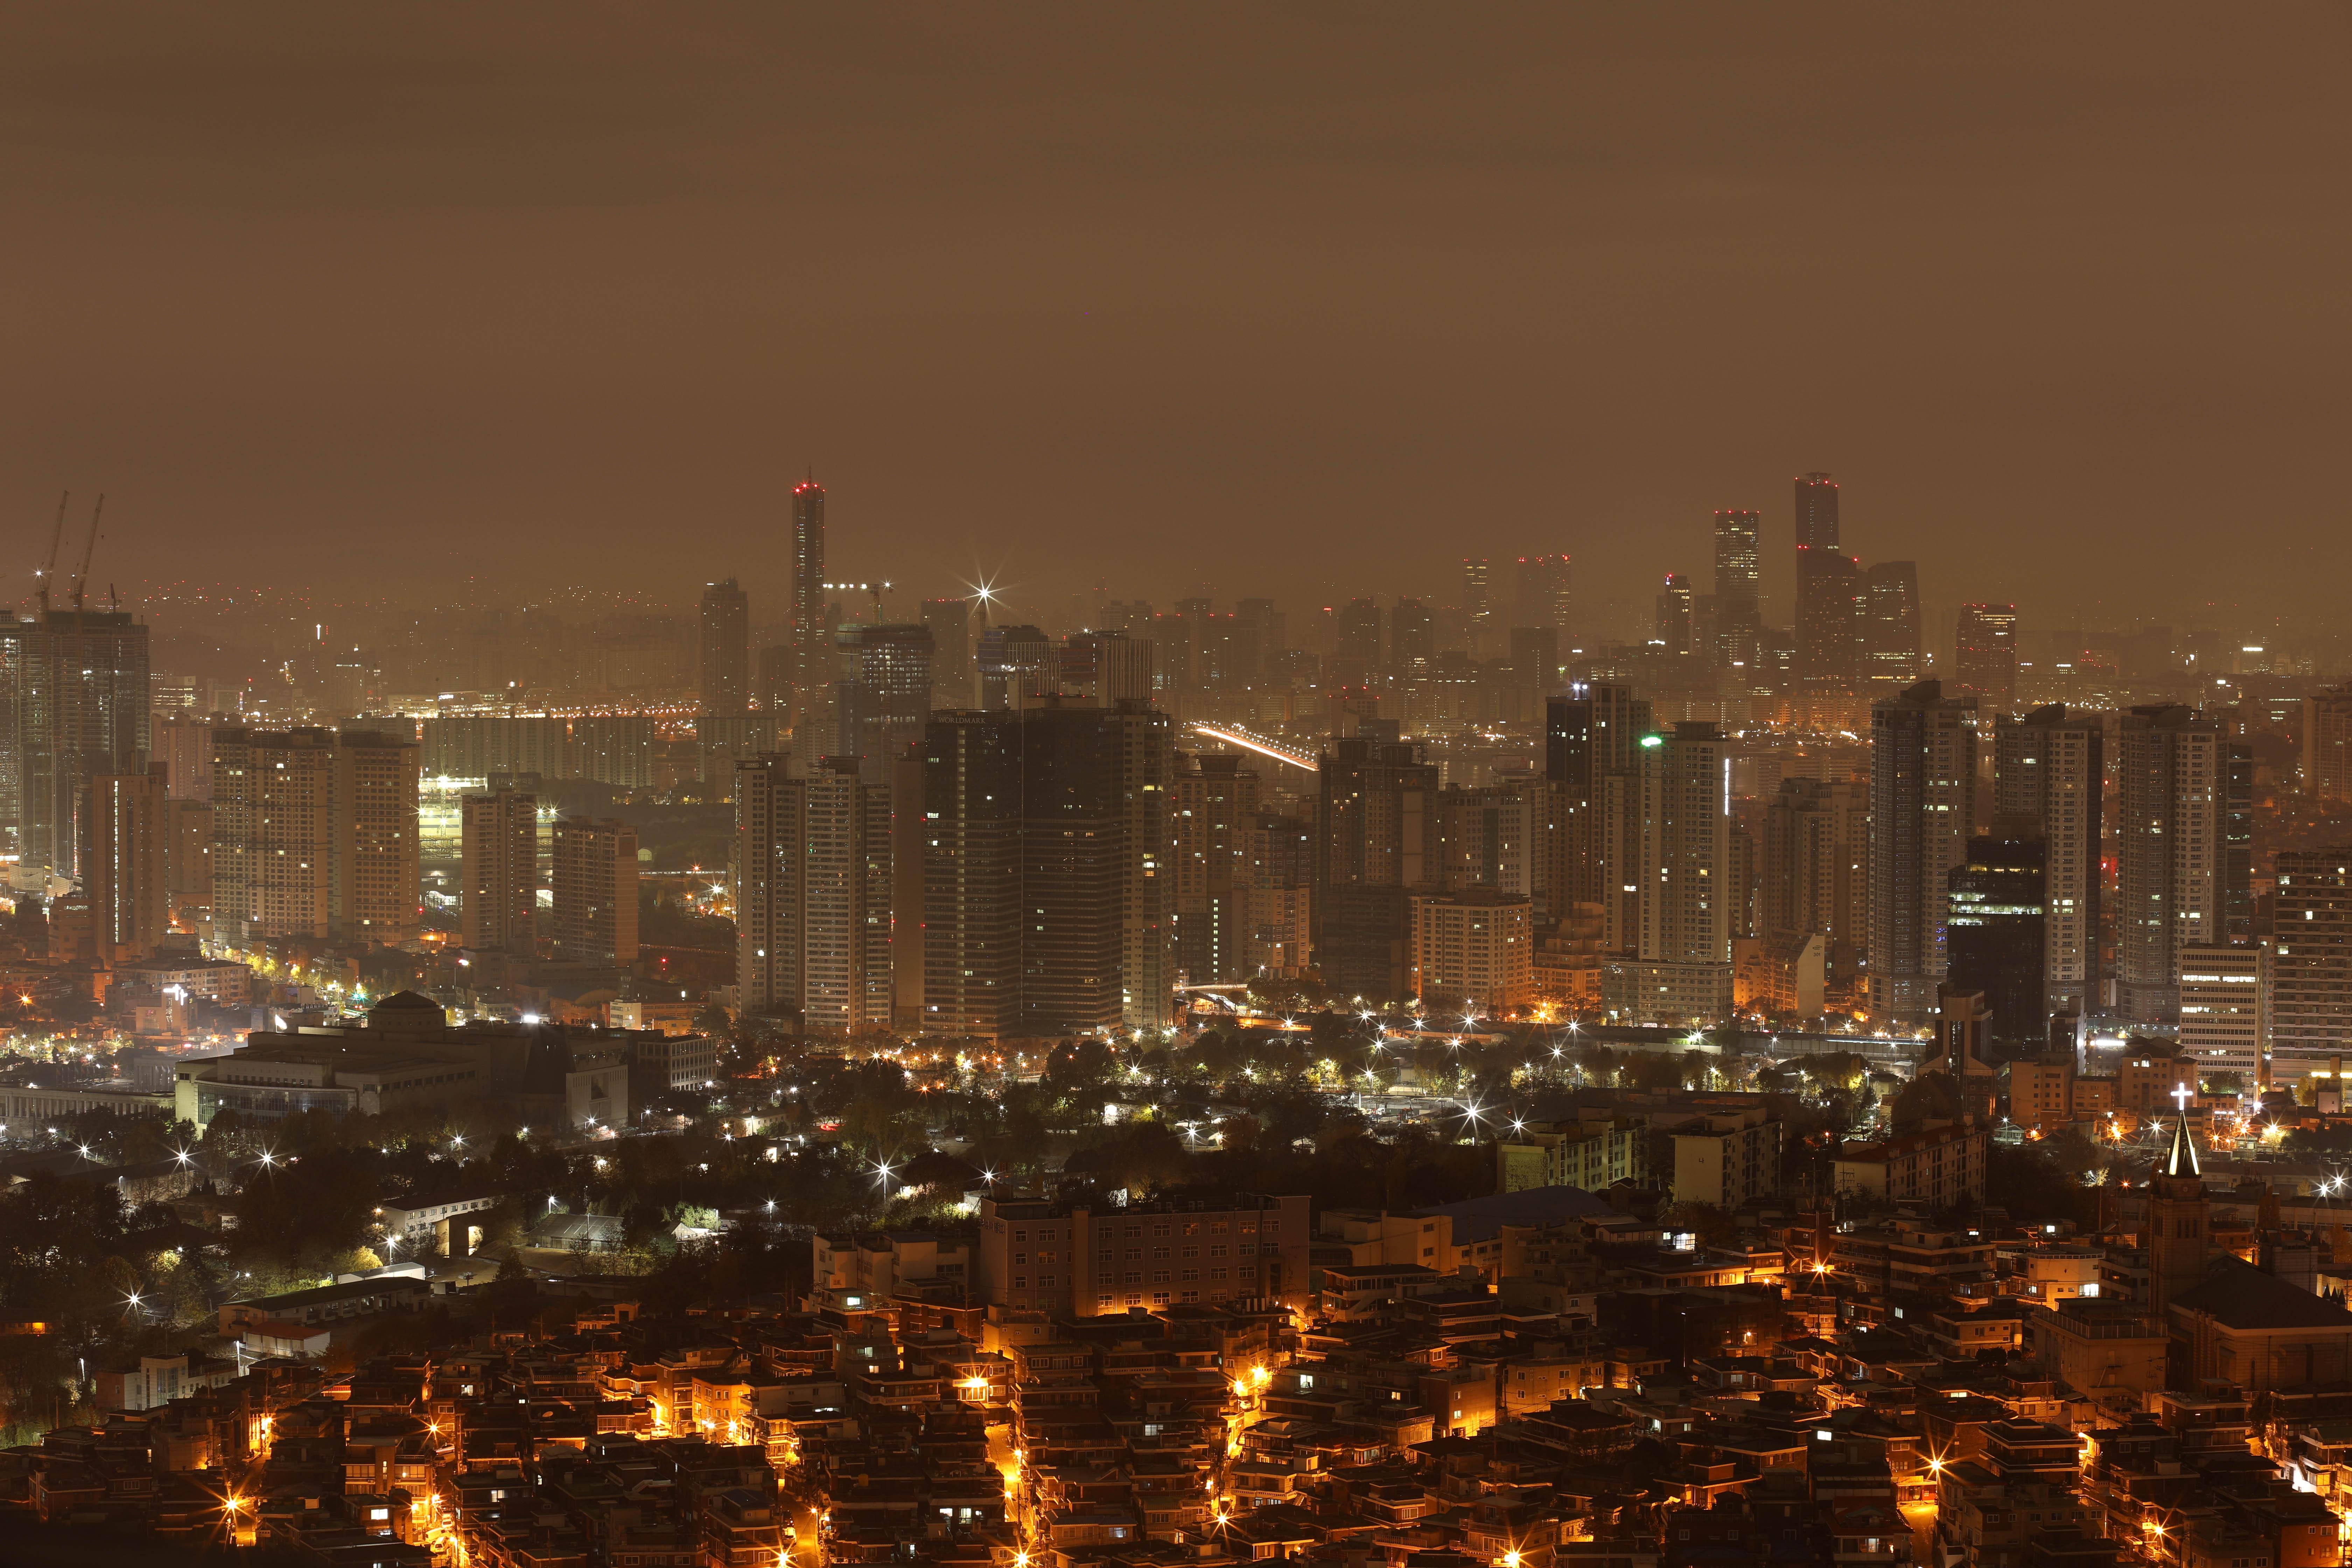 November - Seoul Dawn